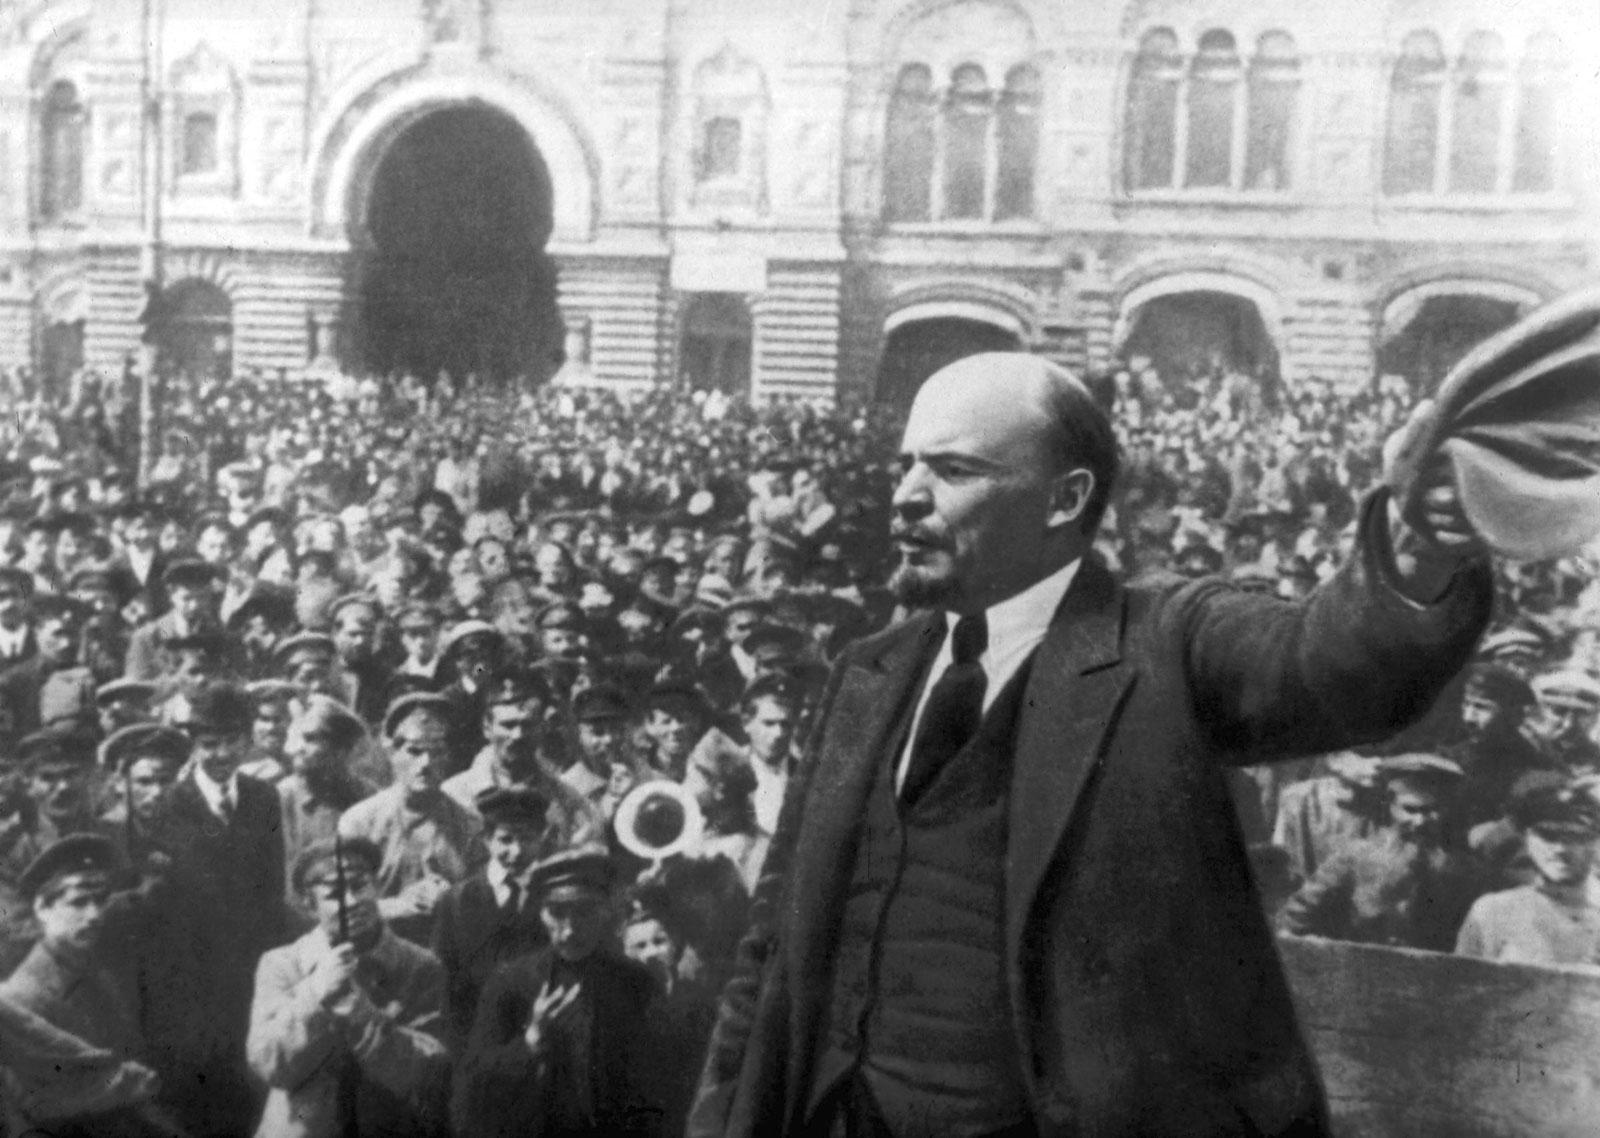 HISTORIA PROLETARIA: La Gran Revolución Socialista de Octubre